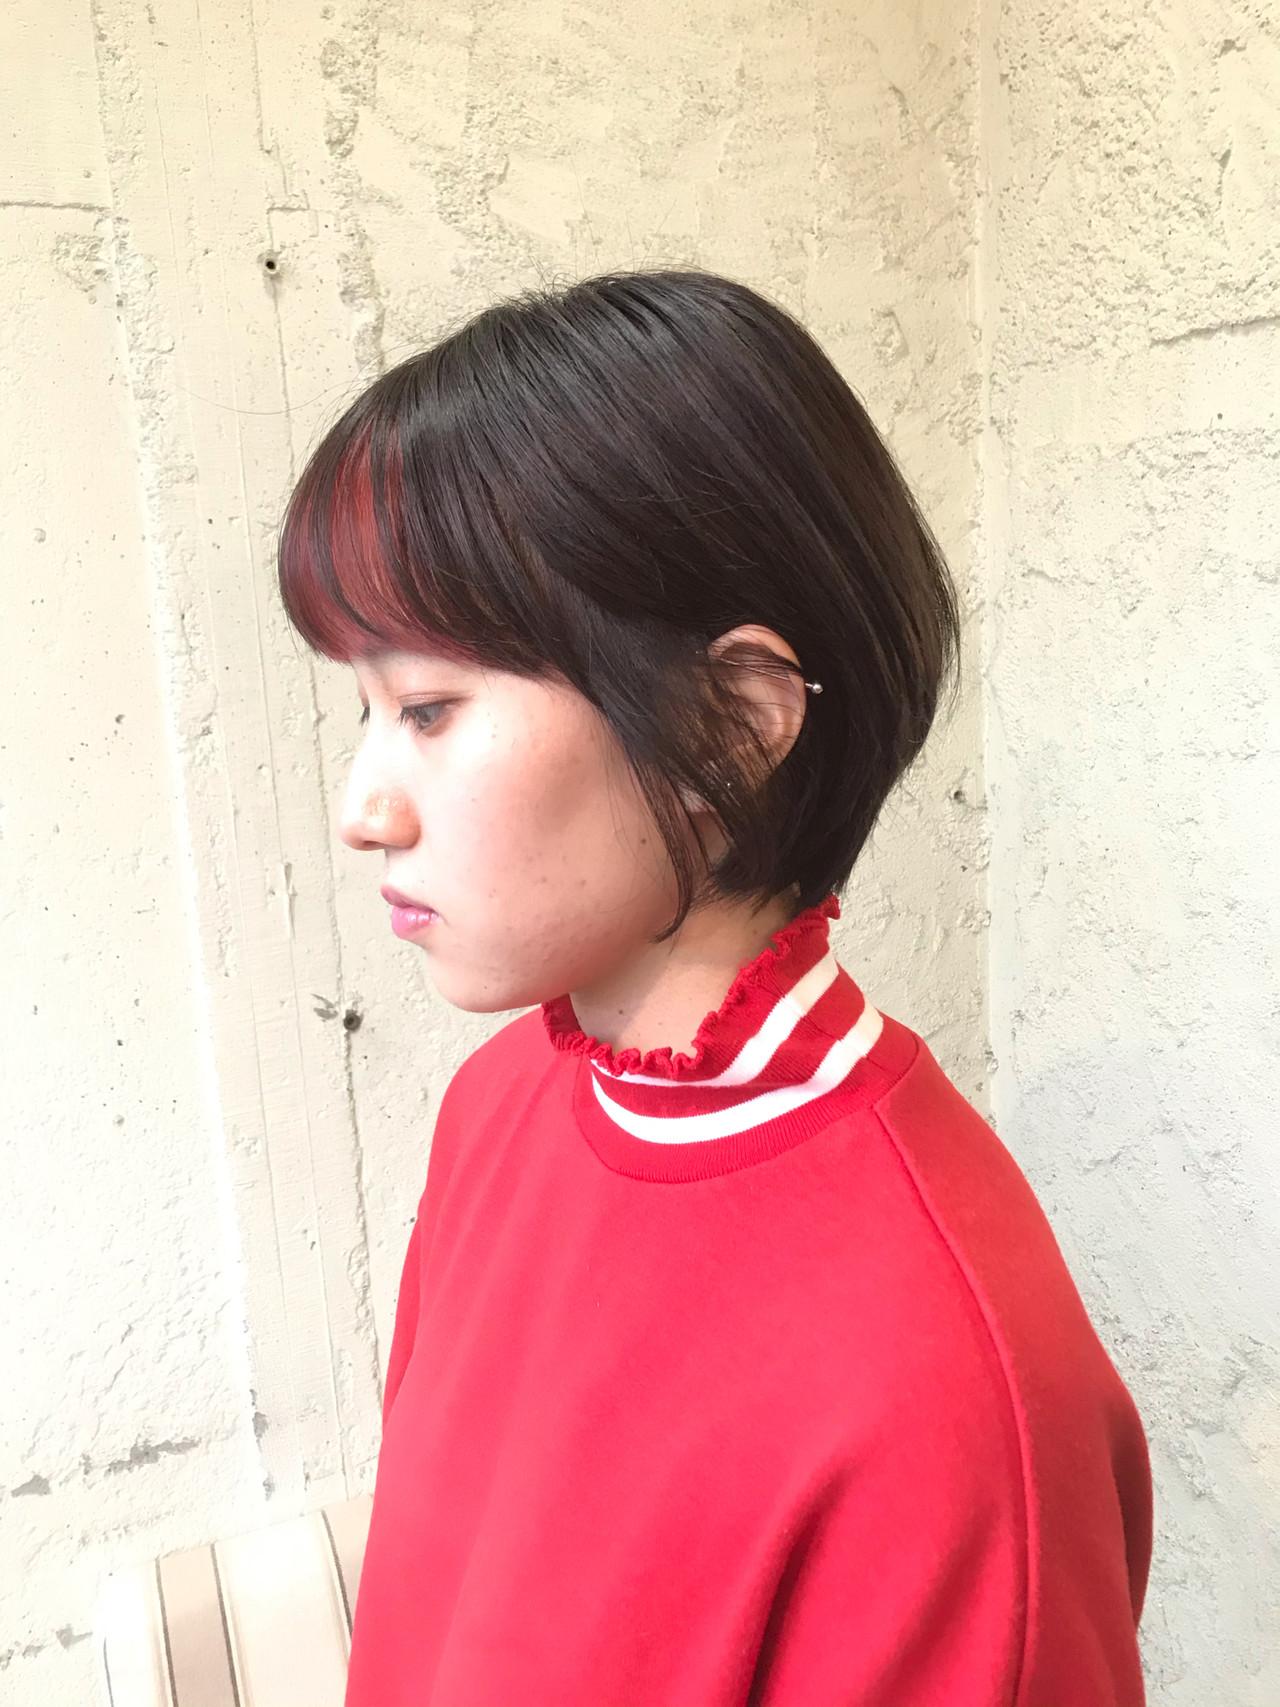 ショートヘア 切りっぱなしボブ ショートボブ ミニボブ ヘアスタイルや髪型の写真・画像 | 山下 誠矢 / penelope